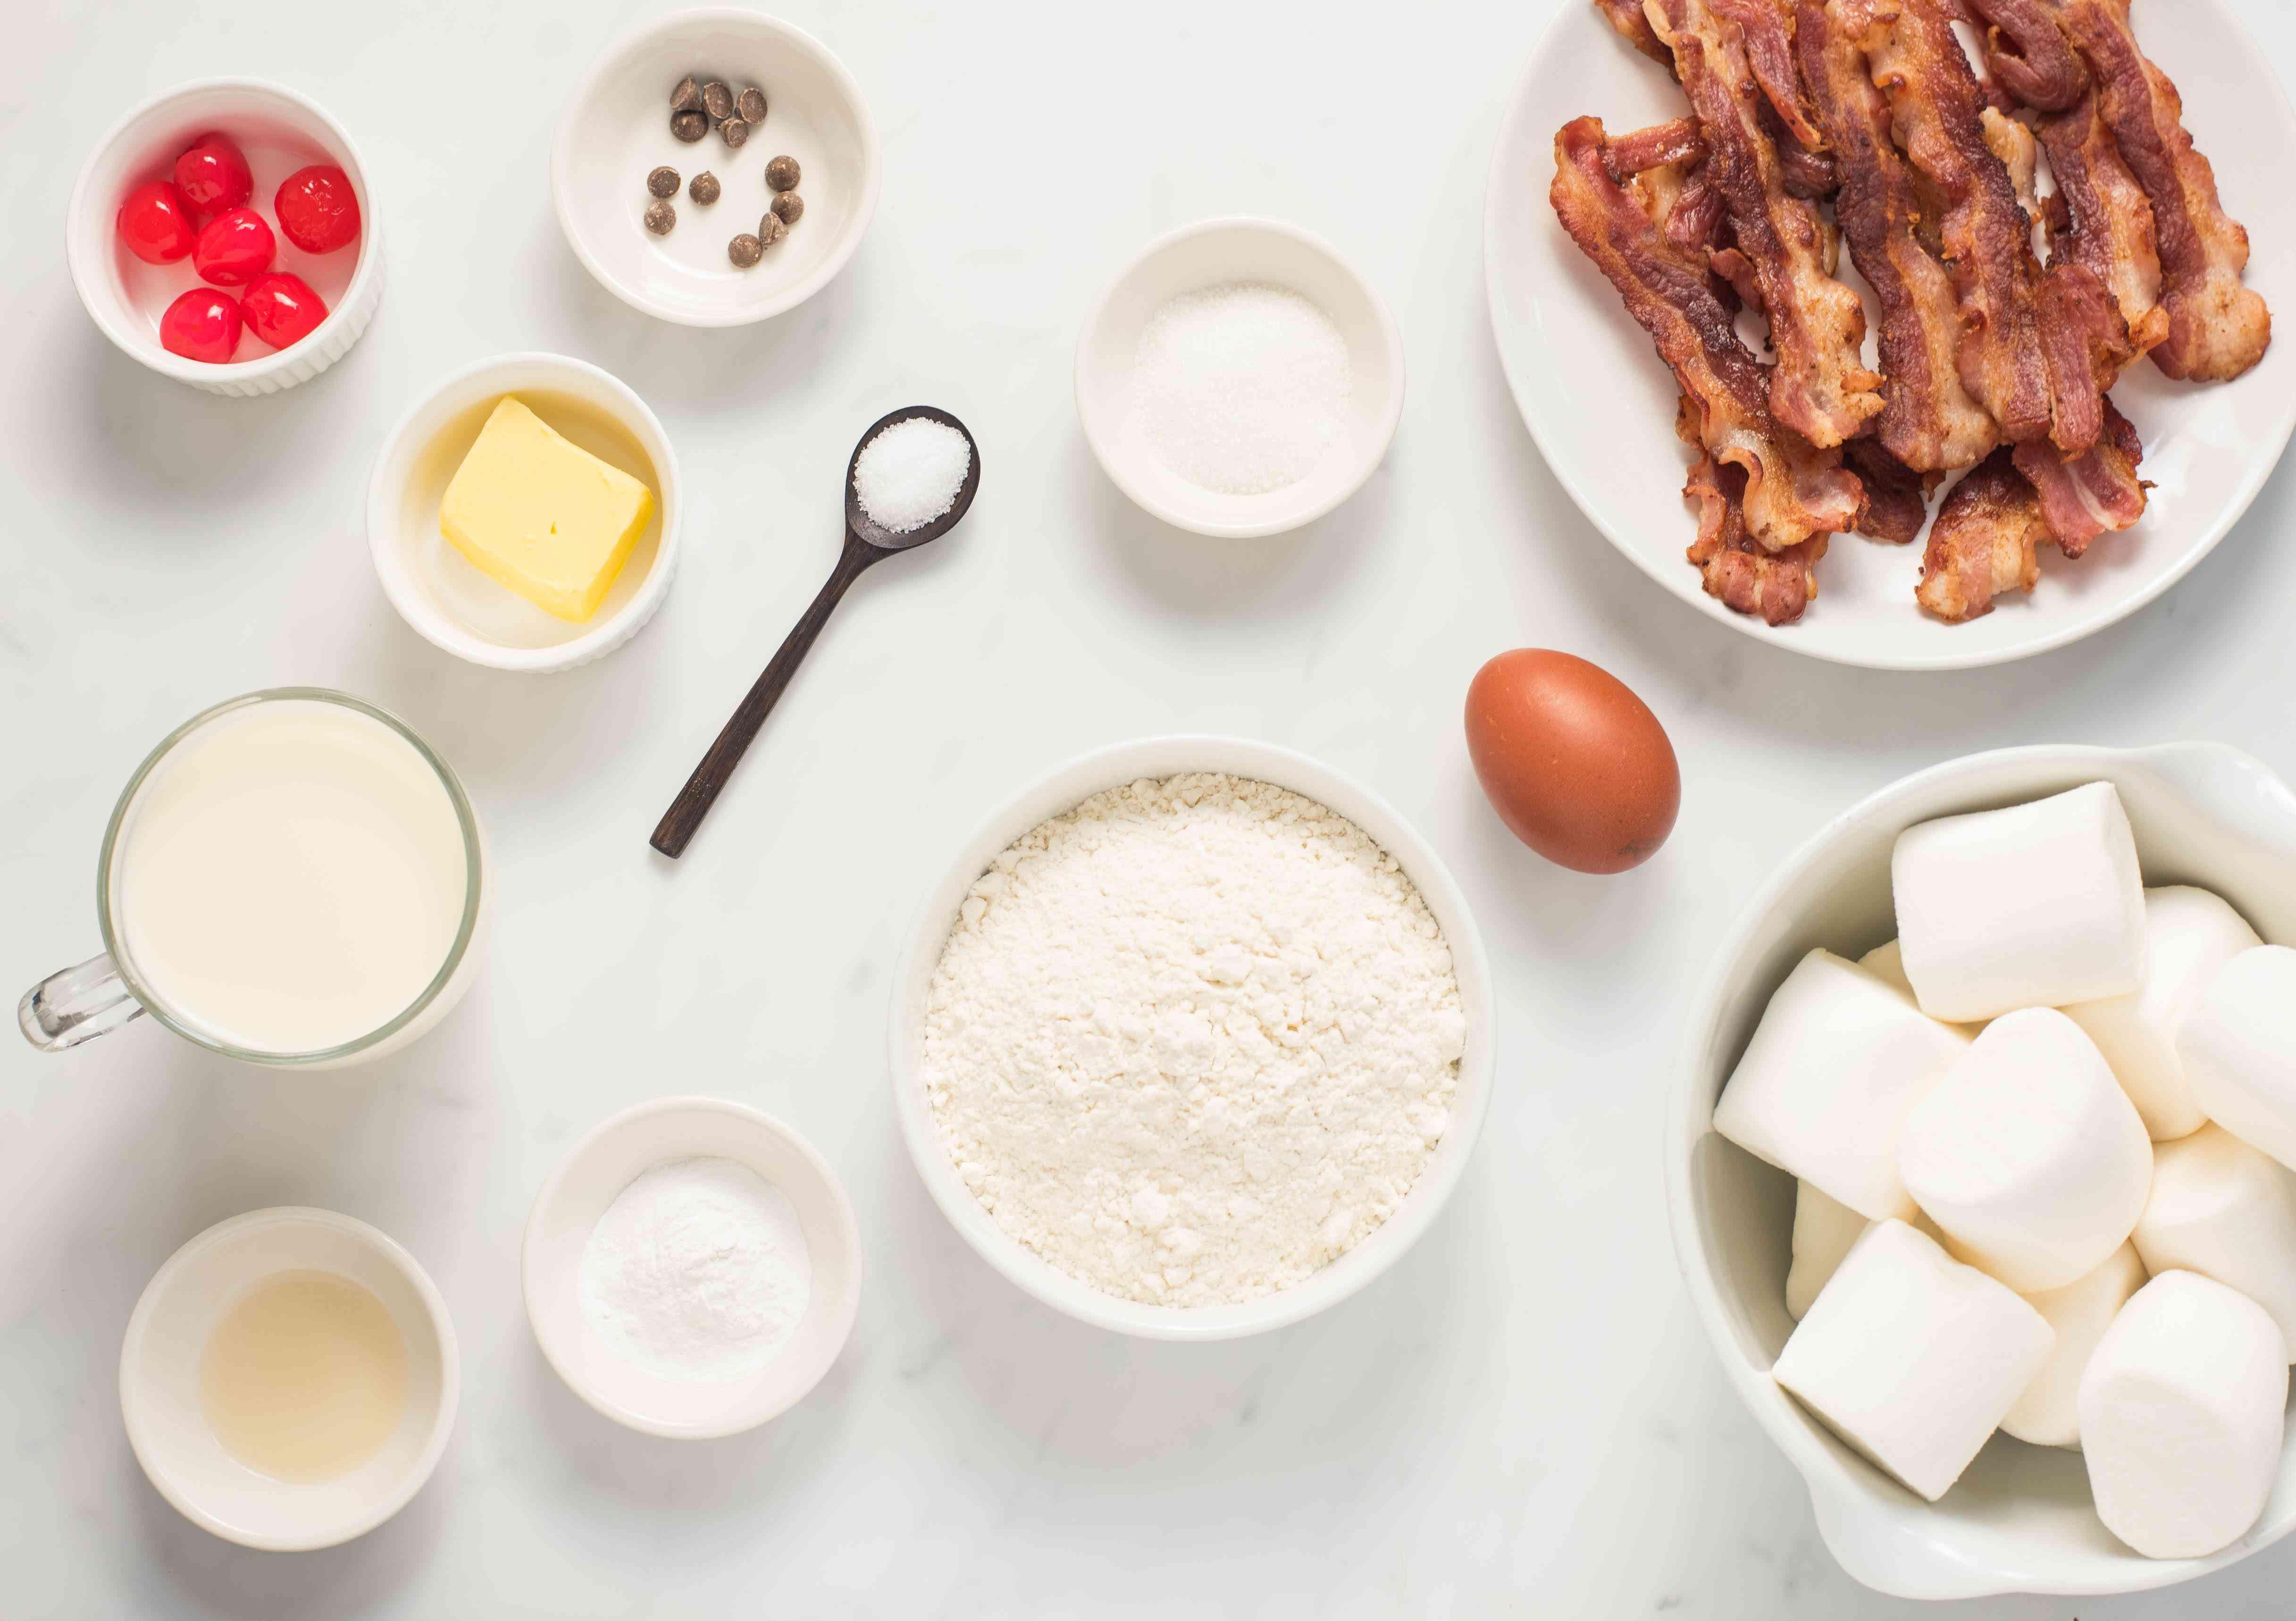 Ingredients for reindeer pancakes